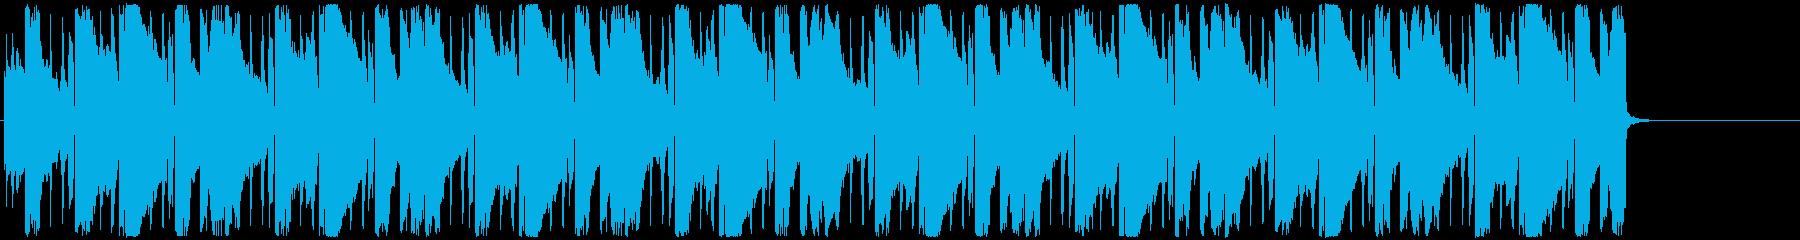 エレピを使ったお洒落なポップミュージックの再生済みの波形